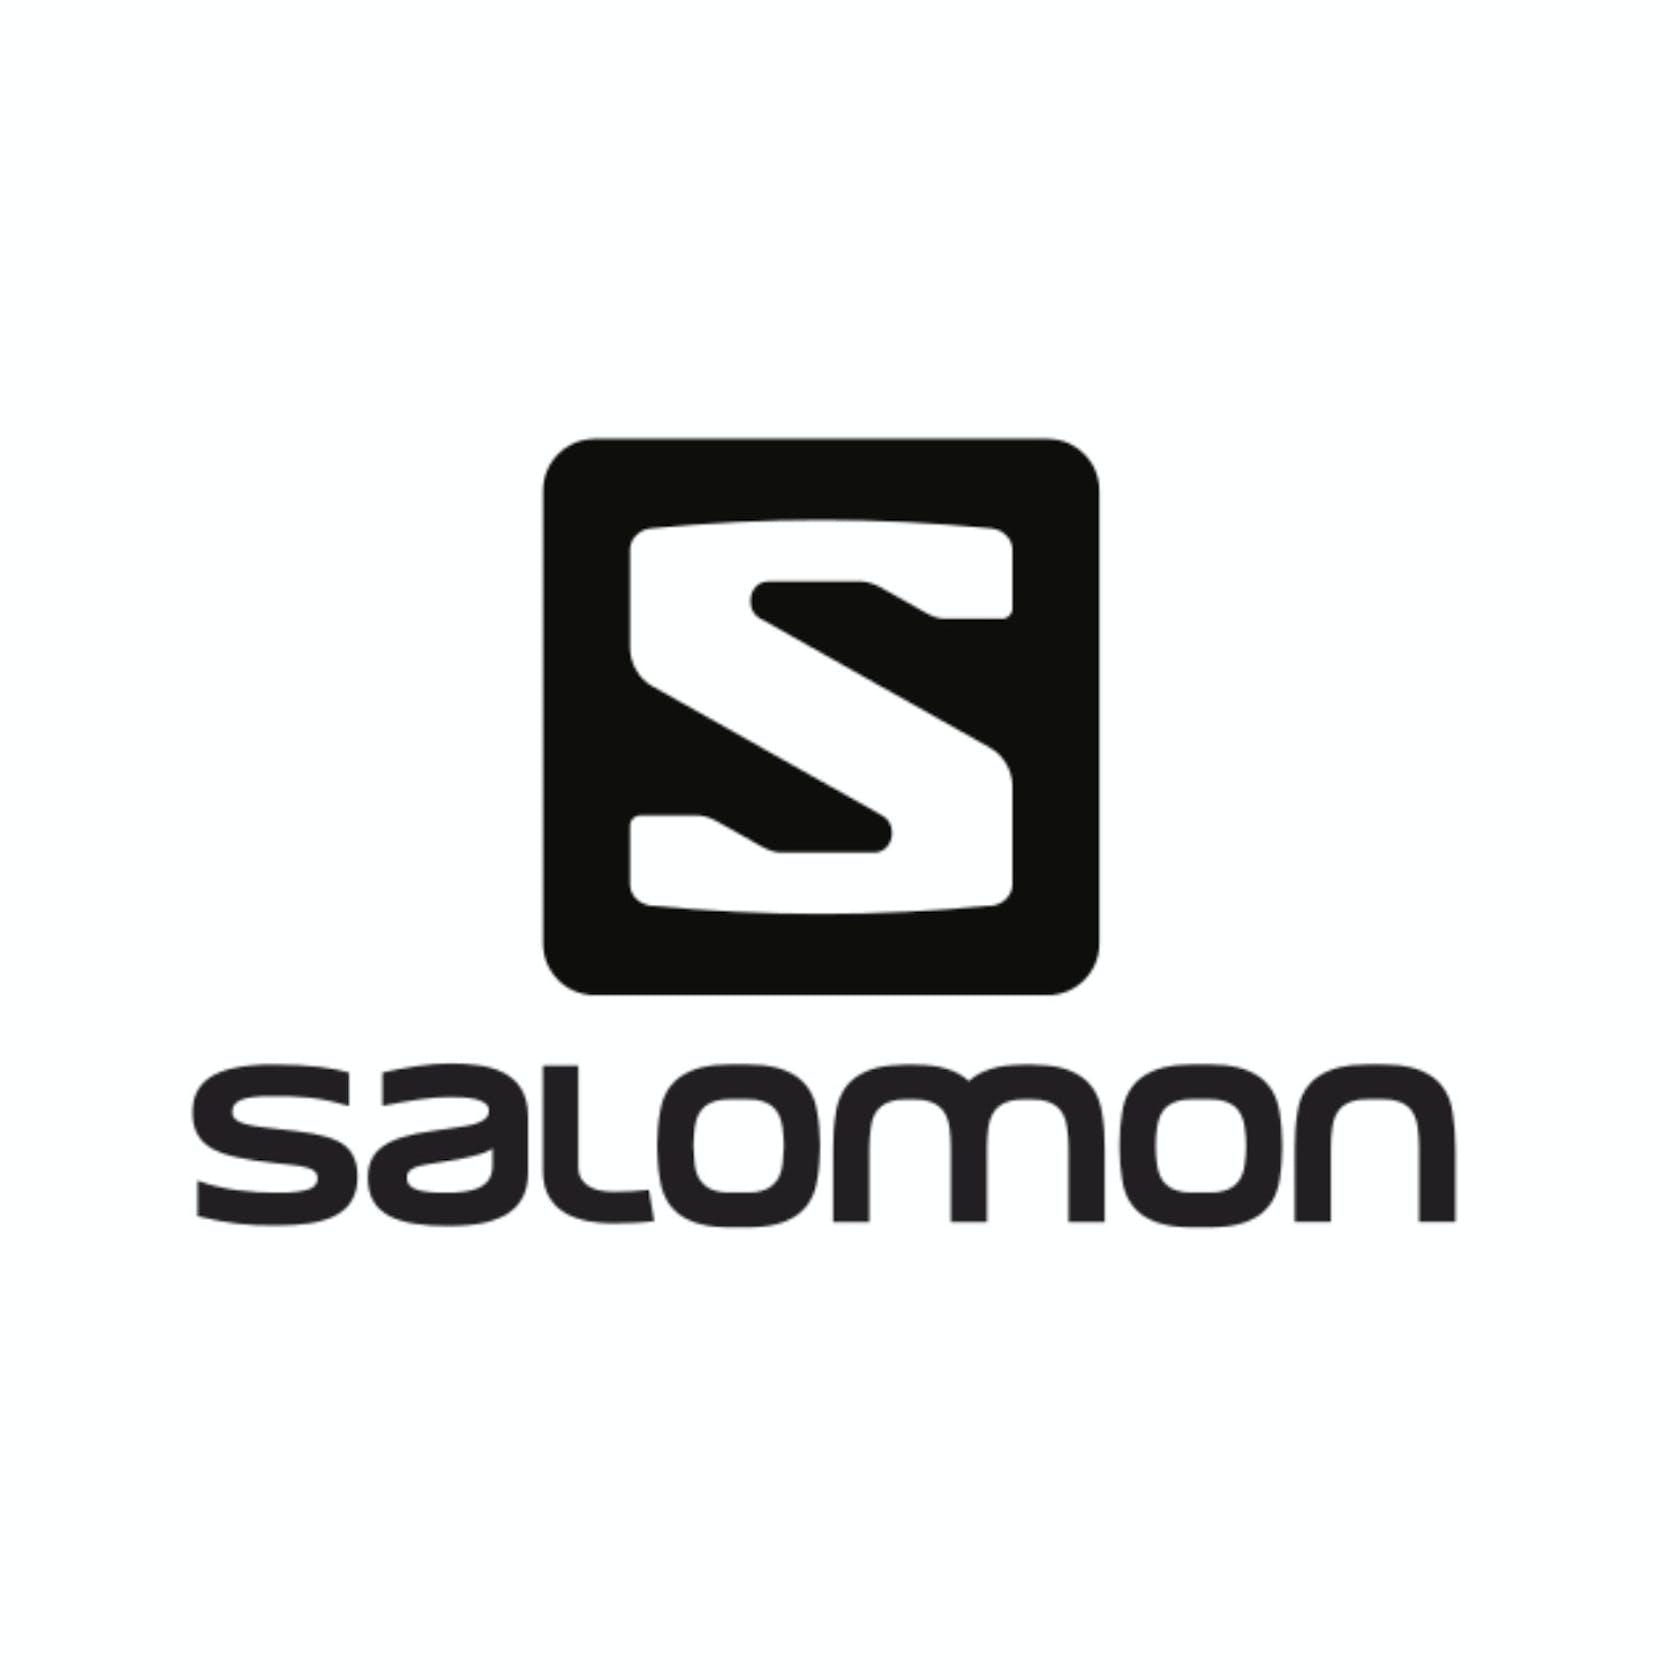 Salomon shop online